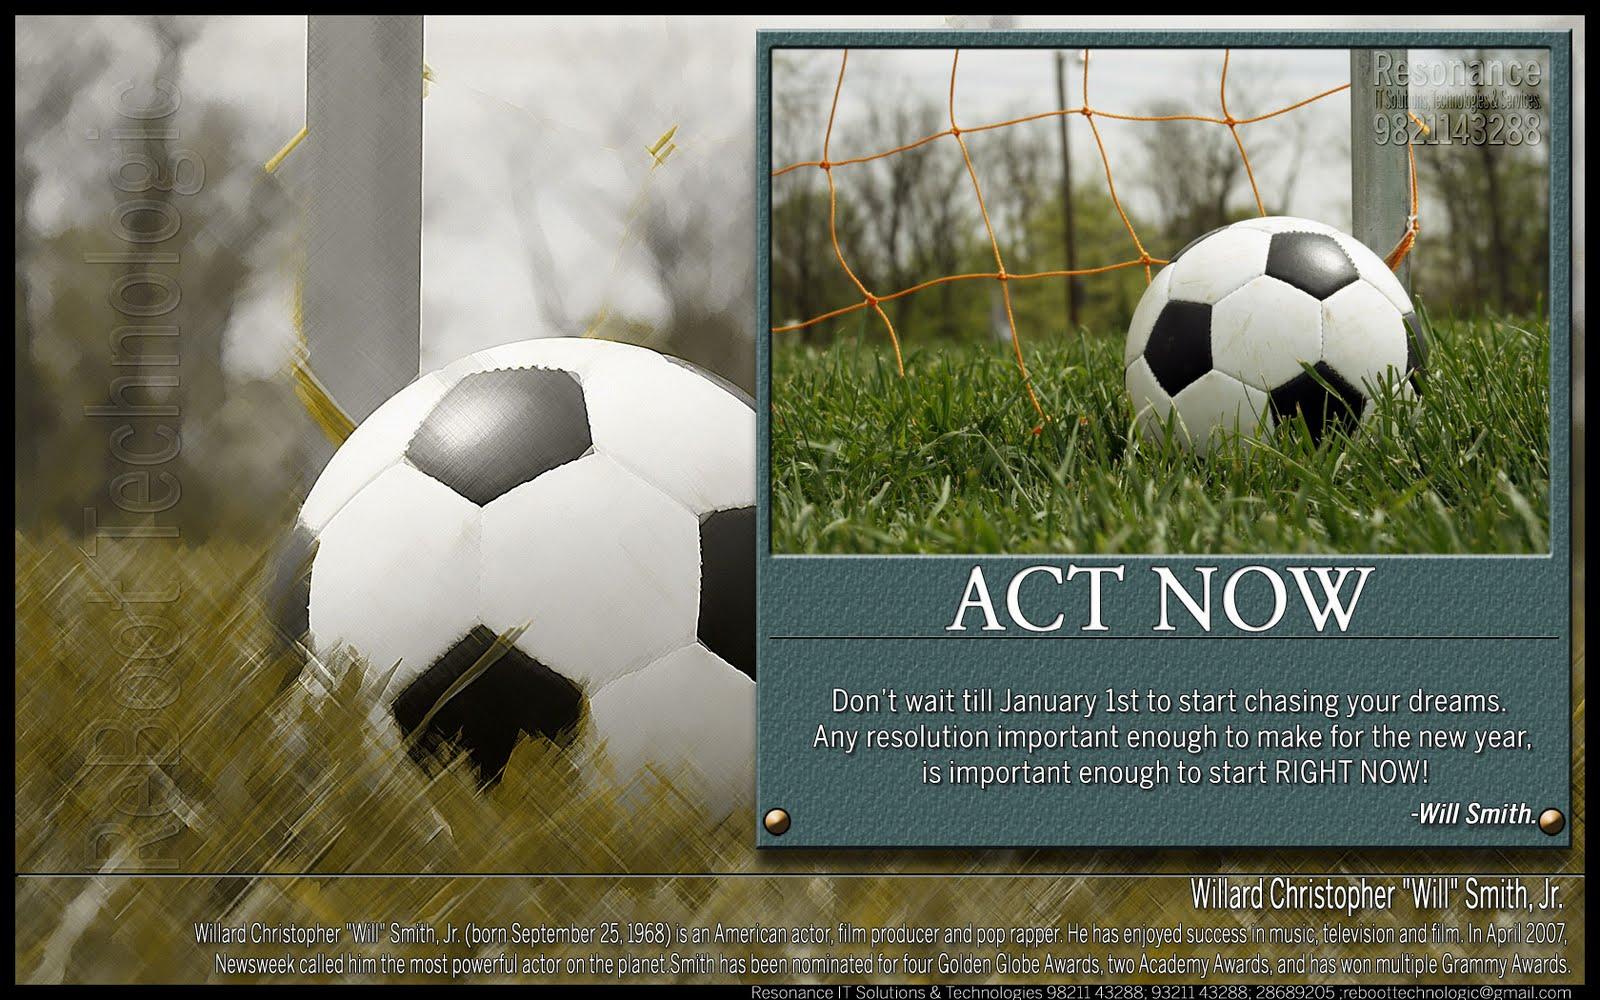 http://1.bp.blogspot.com/_WEbwceD8uAI/TRWZpmjPl6I/AAAAAAAABF0/ZHZ1xixWlA0/s1600/Quotes%2BOn%2BDesk-Act%2BNow.jpg